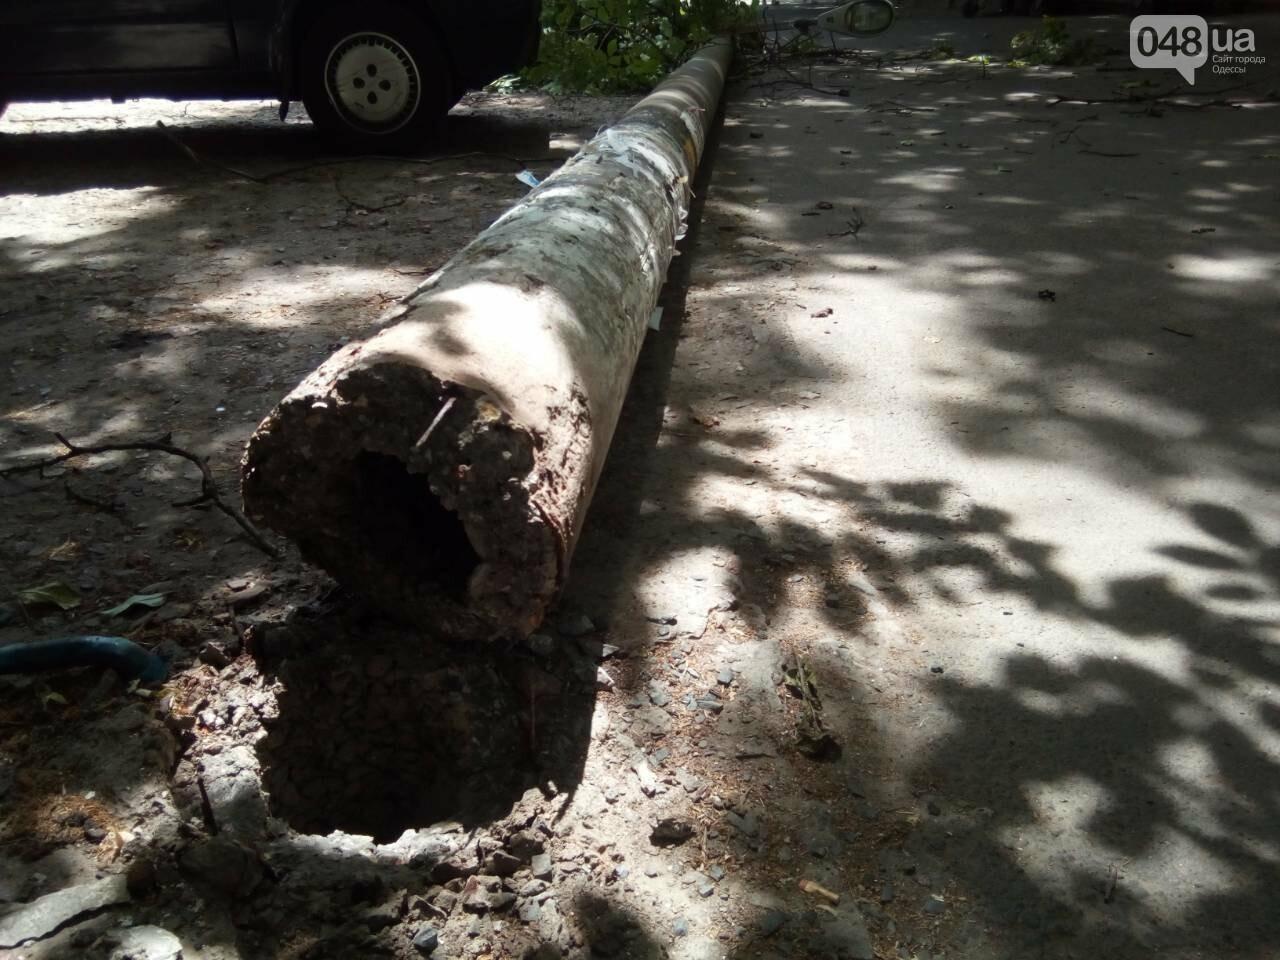 В Одессе на Таирова на пешеходную зону рухнул бетонный столб, - ФОТО, фото-1